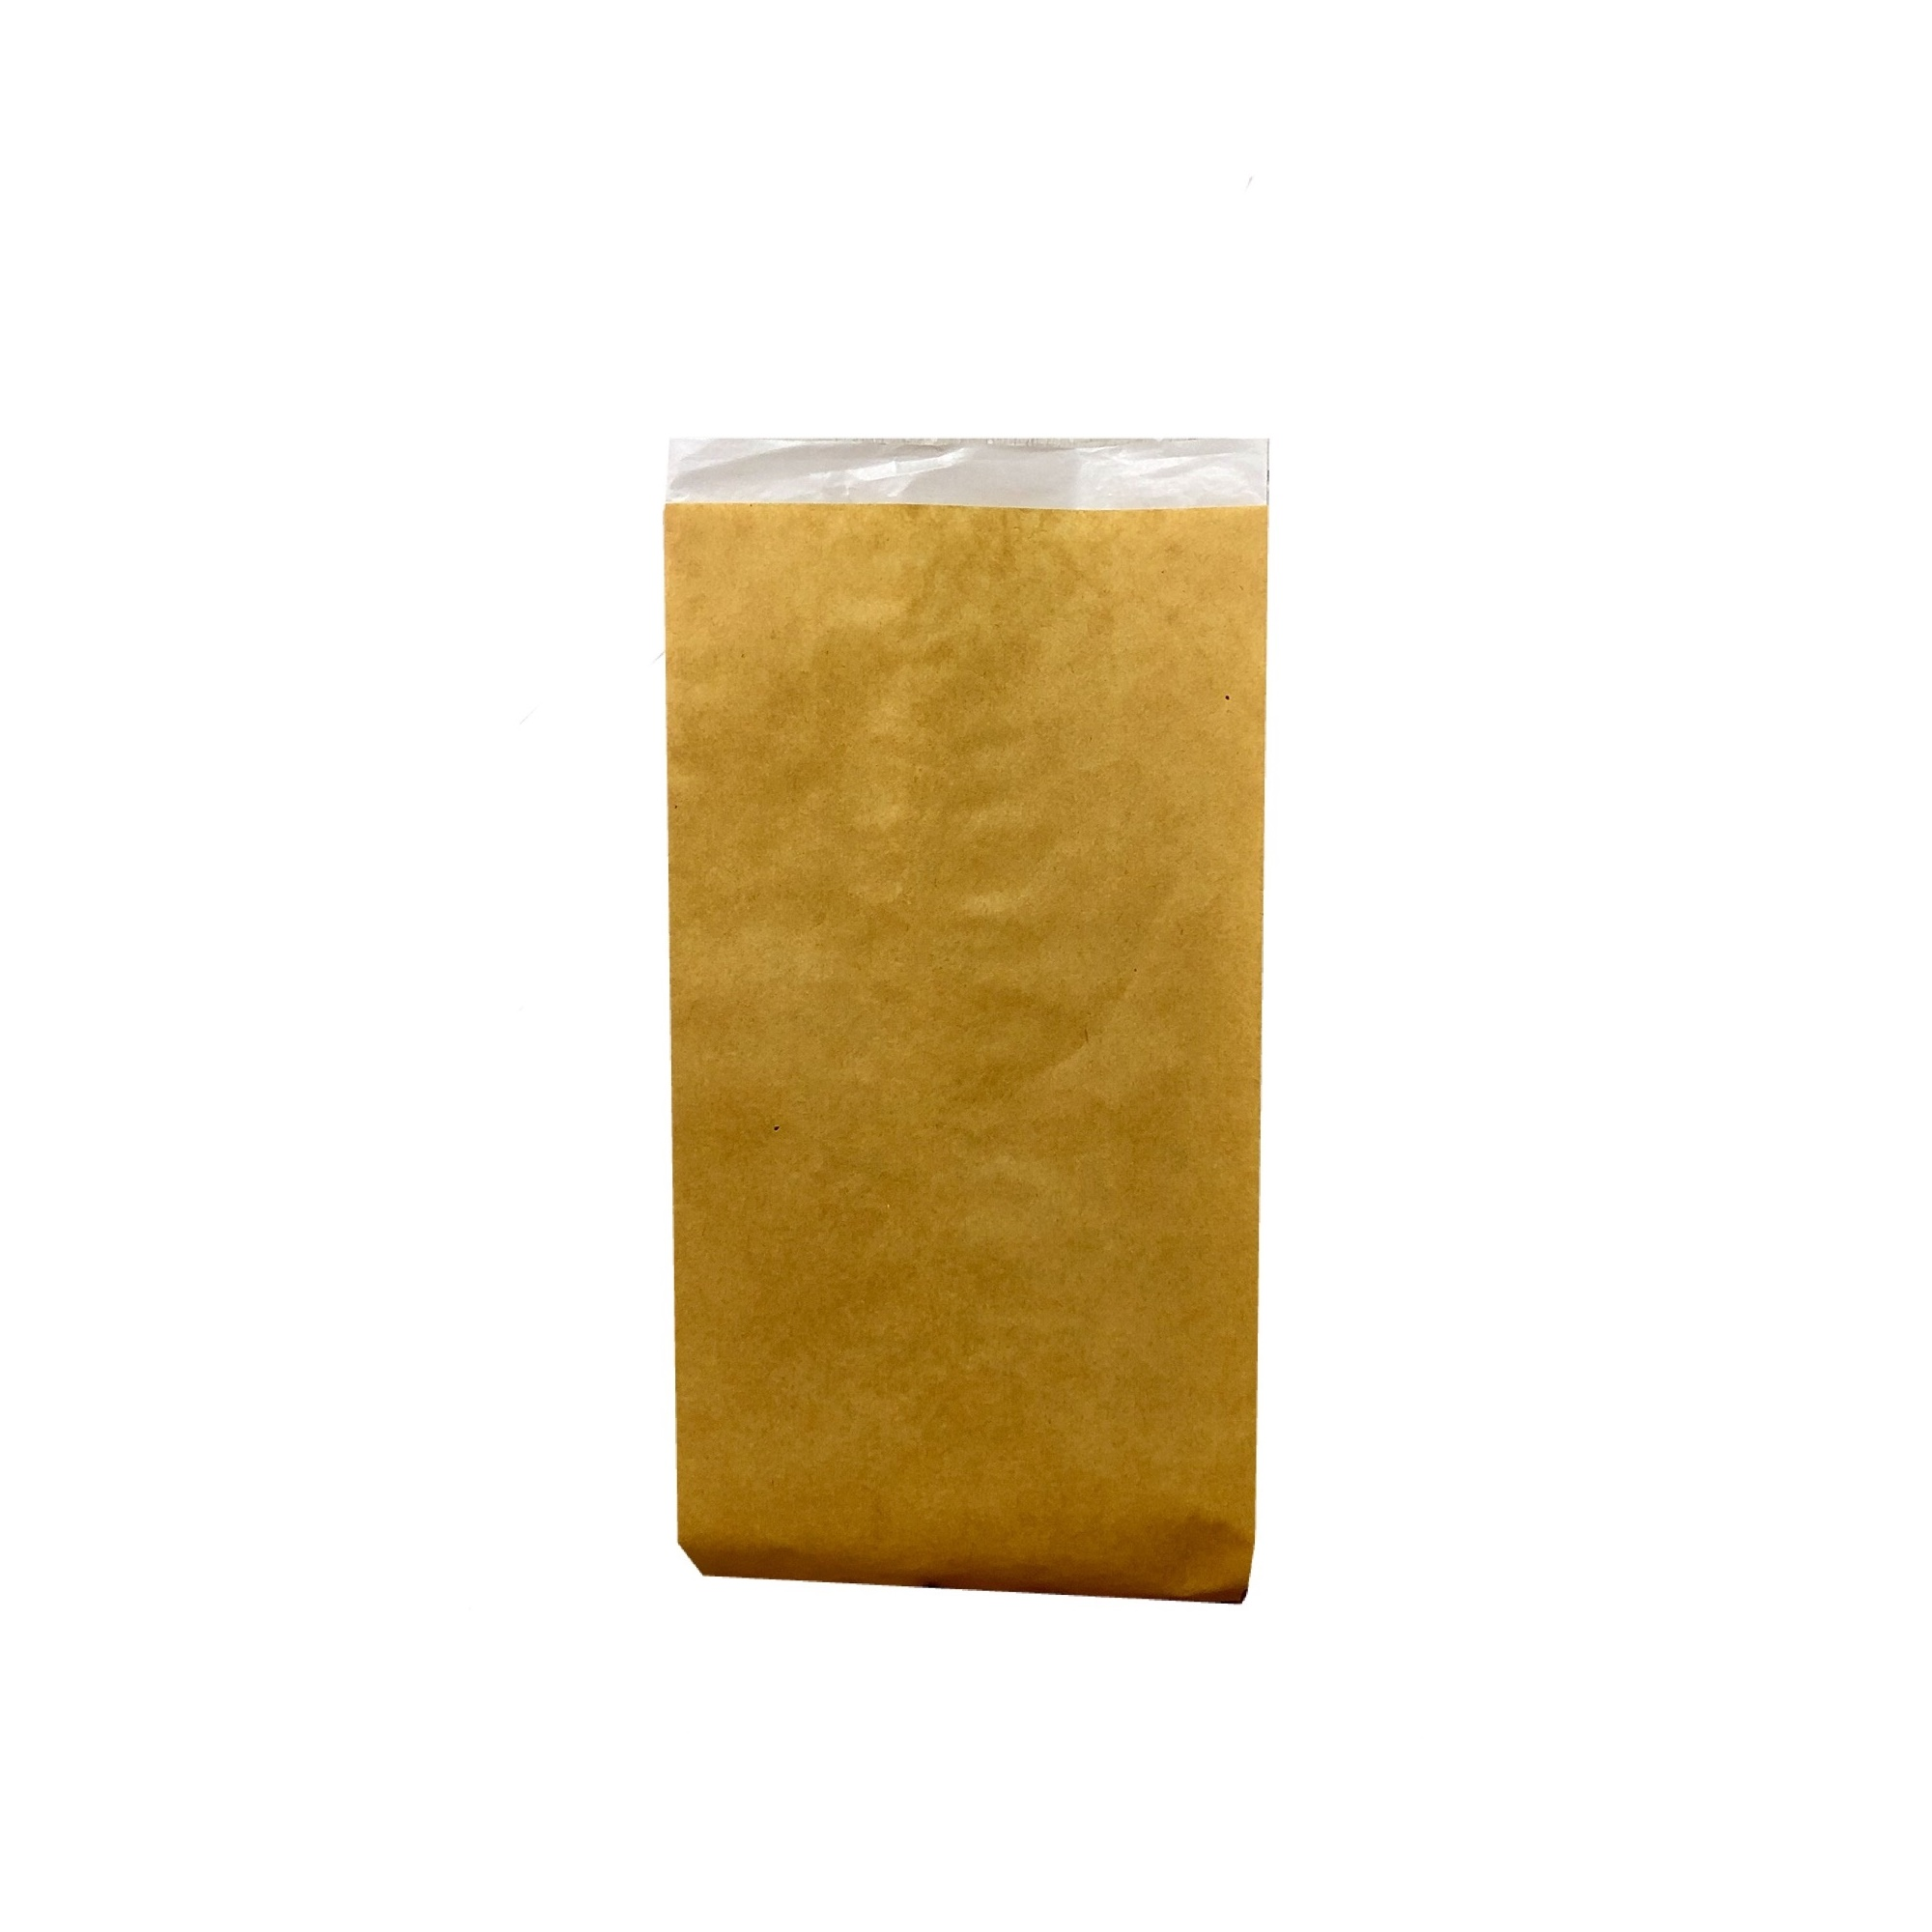 پاکت یکبار مصرف کد B11 بسته 100 عددی